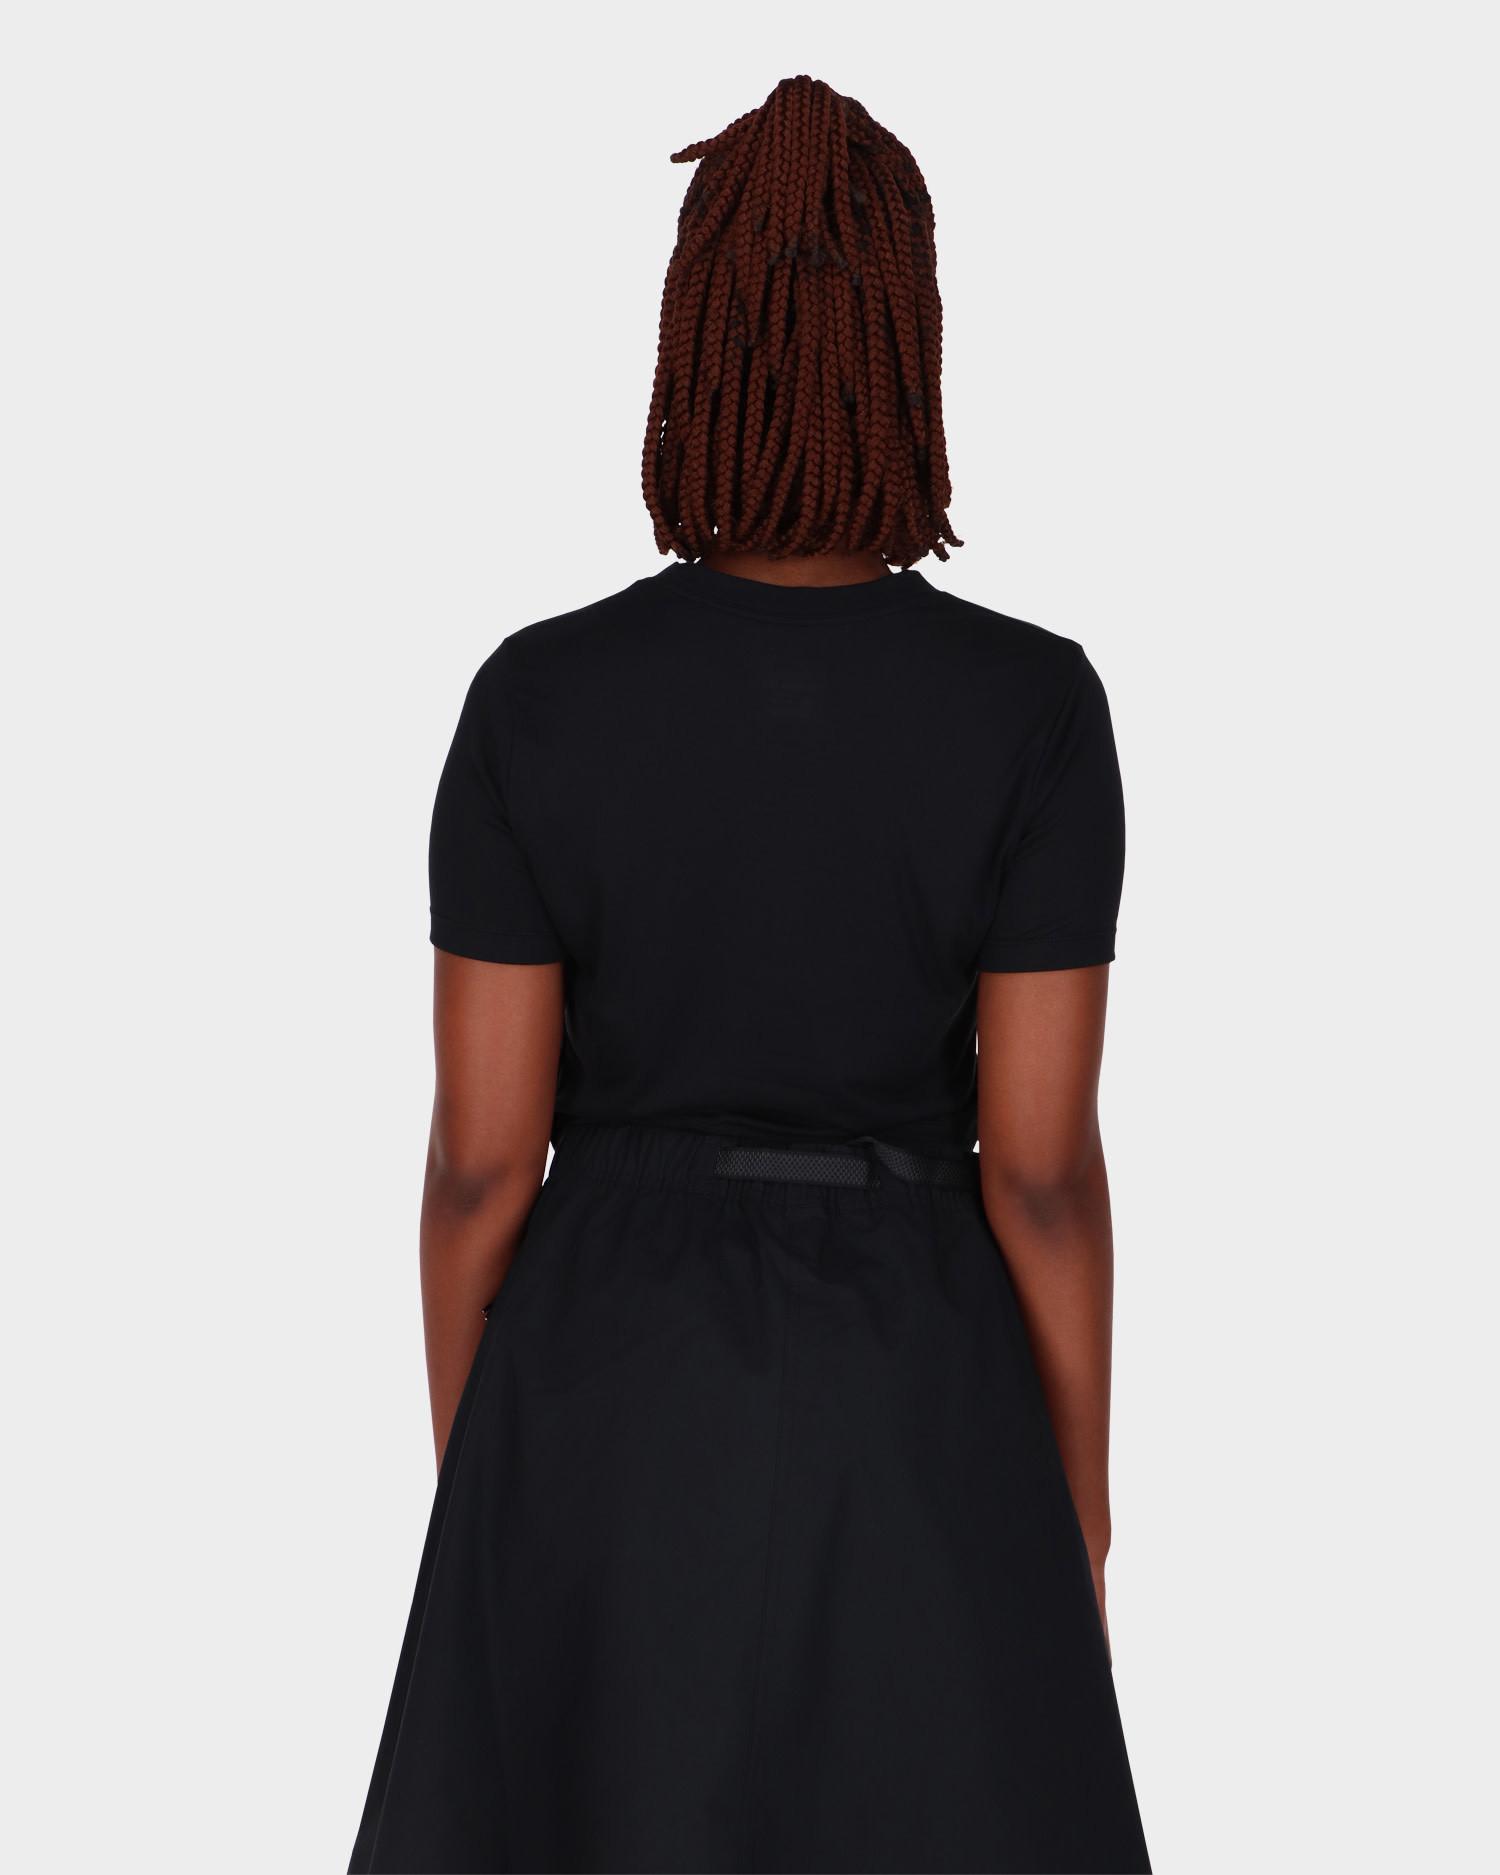 Nike Croptop T-Shirt Black/White